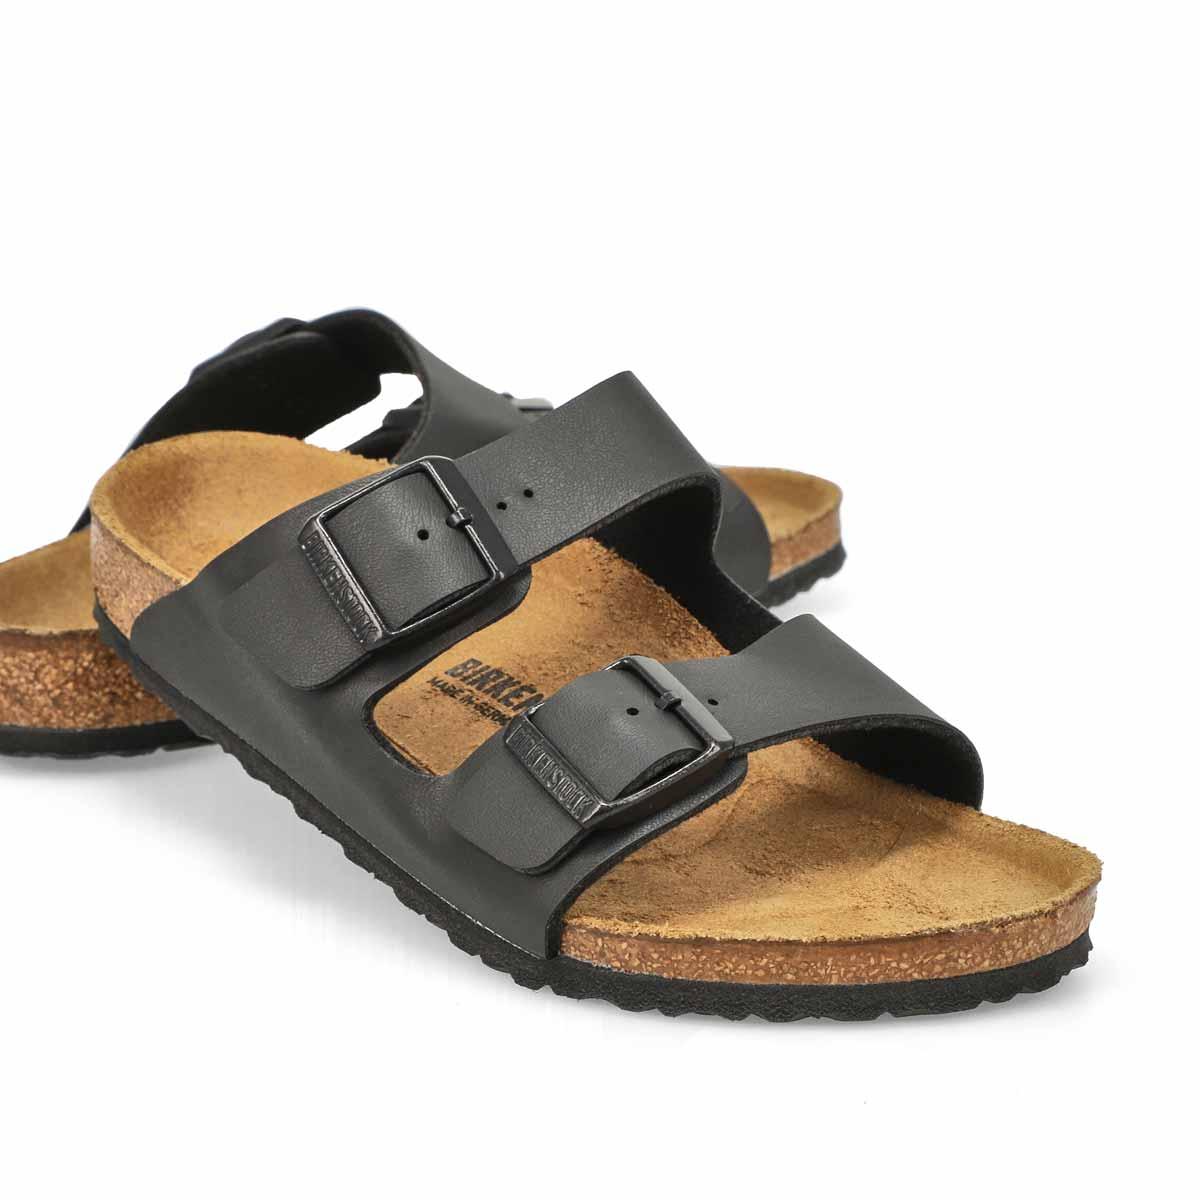 Sandale Arizona BF, noir, enfant-Étroite